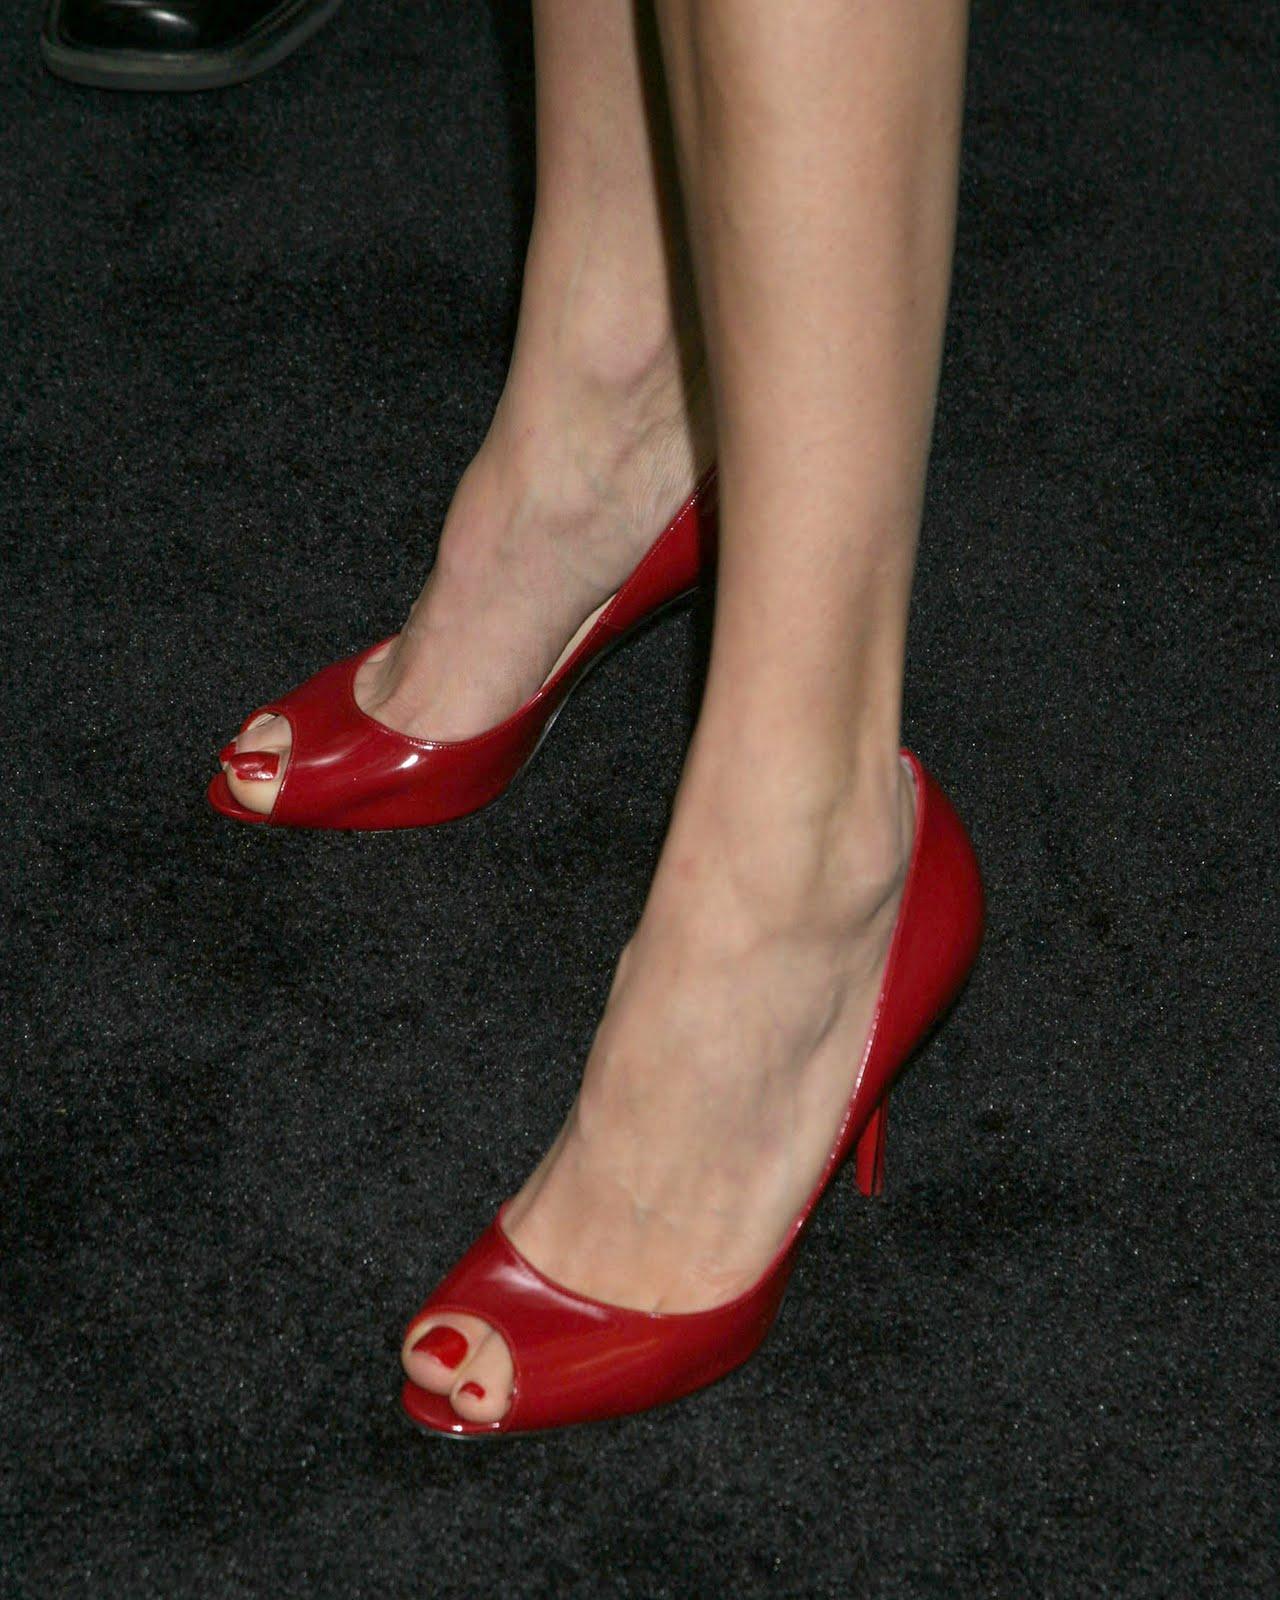 nude Ass Ellie Gouldlings (99 photos) Feet, YouTube, panties